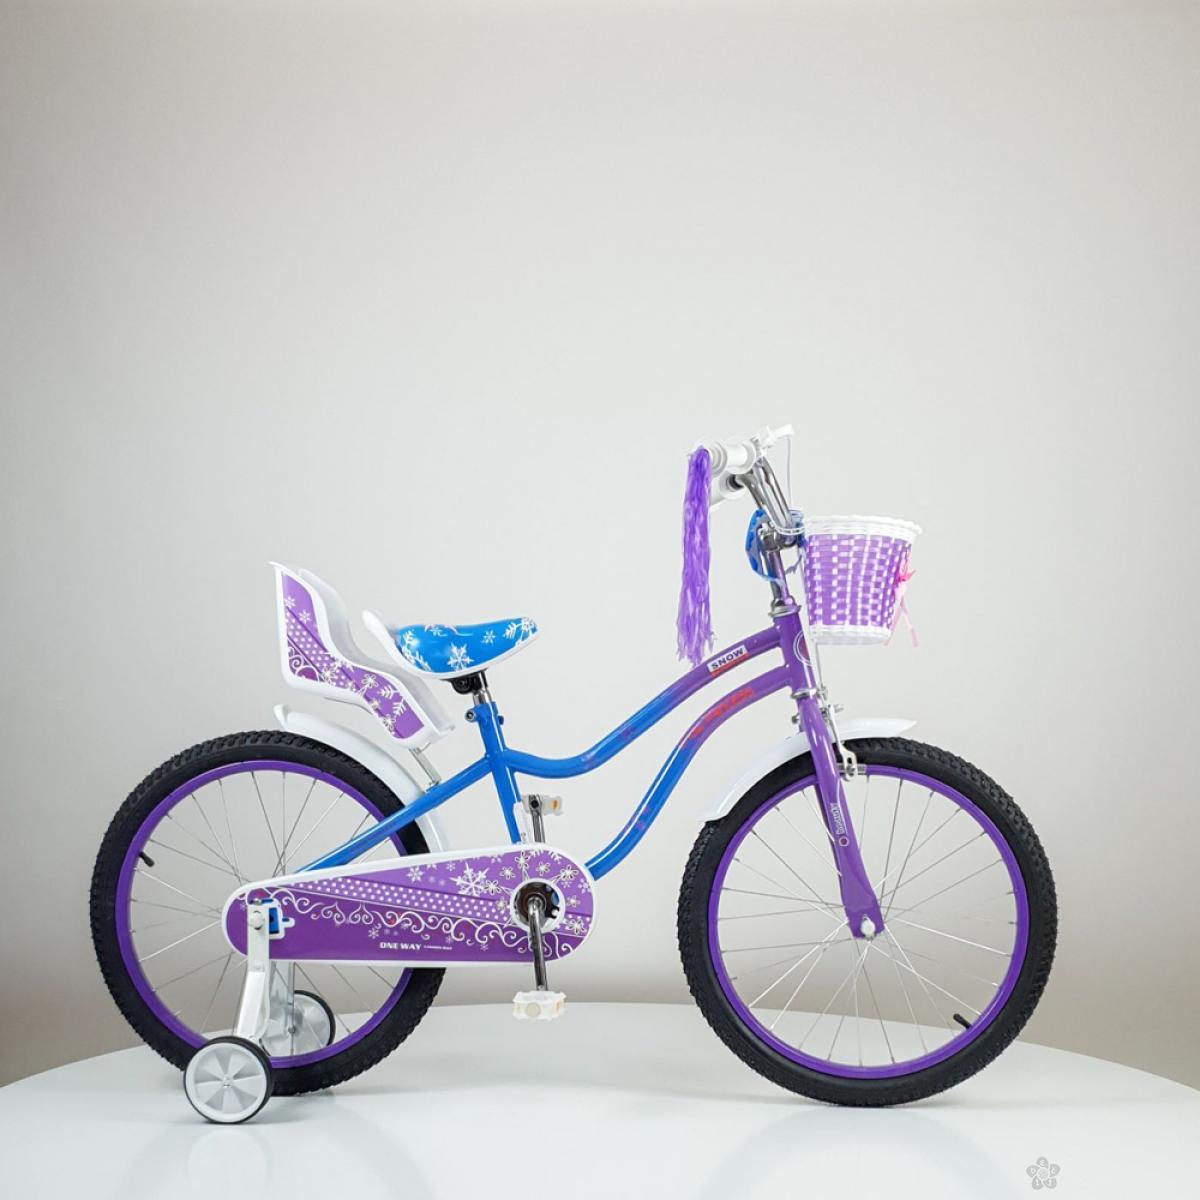 Dečji bicikl Snow Princess model 716-20 ljubičasti